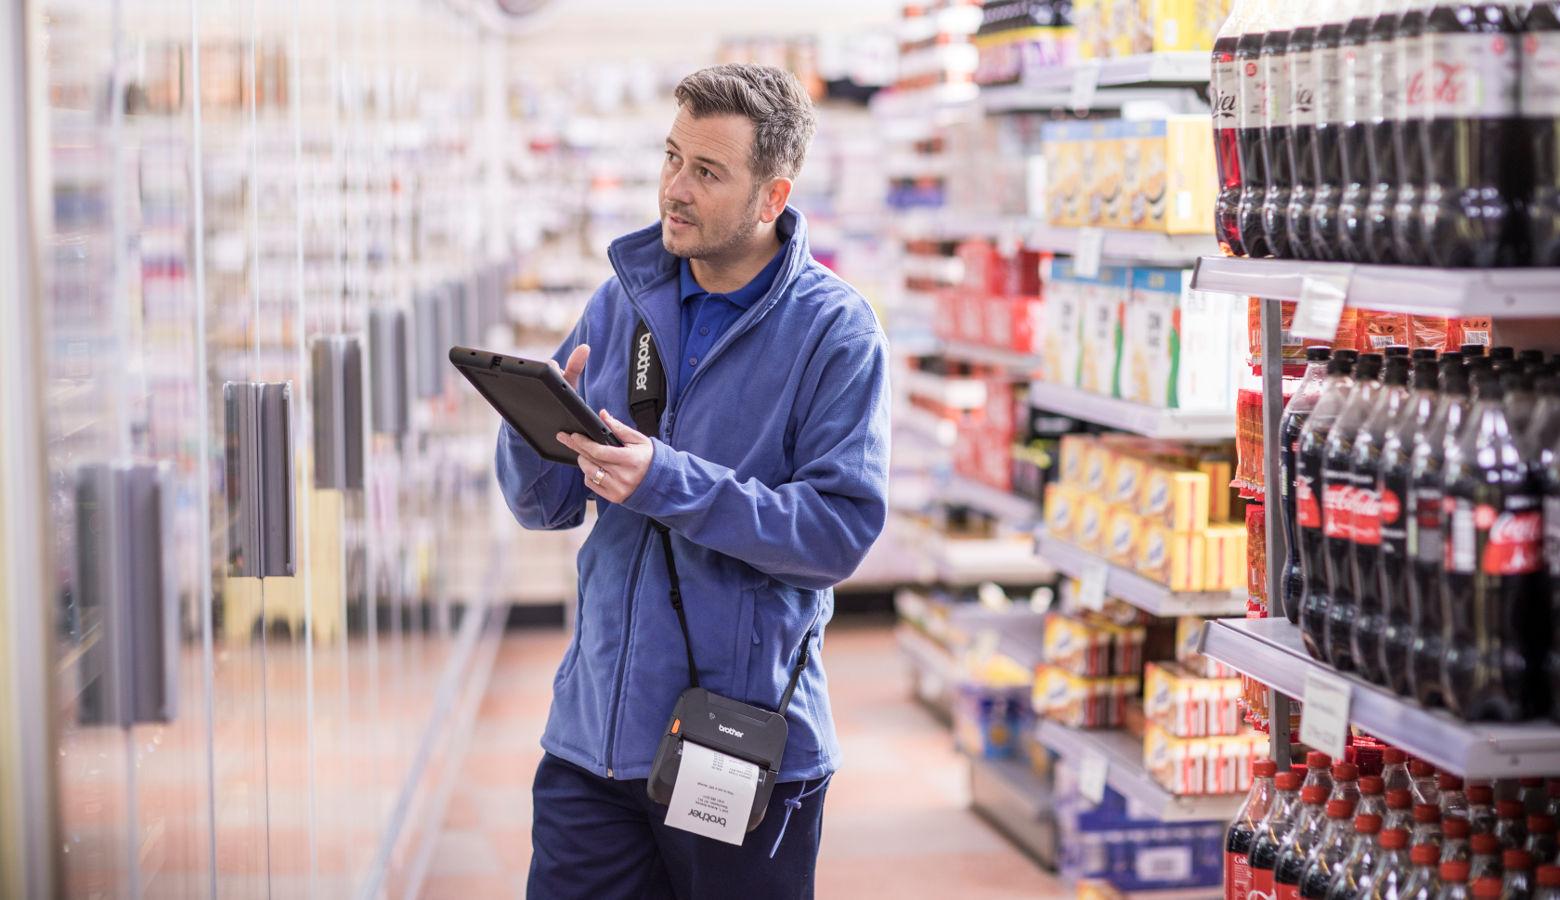 Operario con tablet e impresora de etiquetas RJ en supermercado